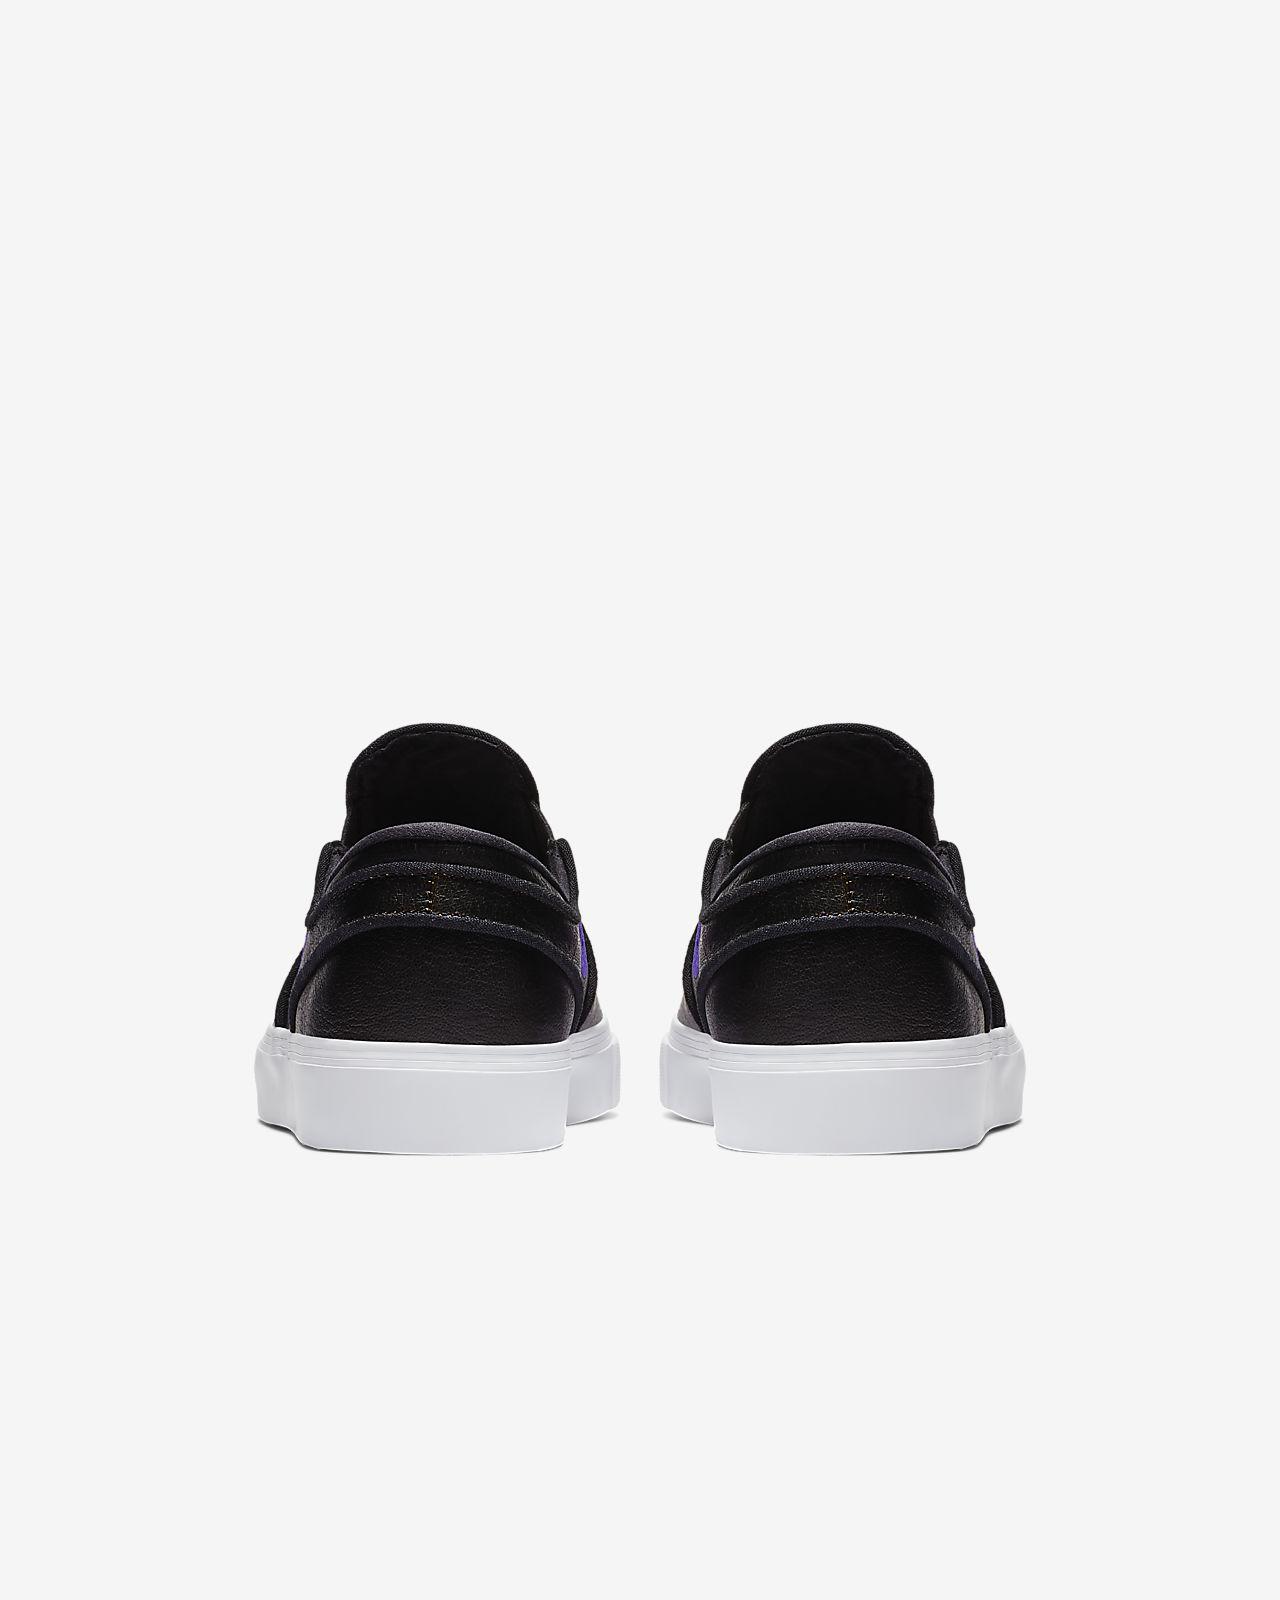 4fbb569bf4160 Nike SB Zoom Janoski Slip NBA Men s Skate Shoe. Nike.com